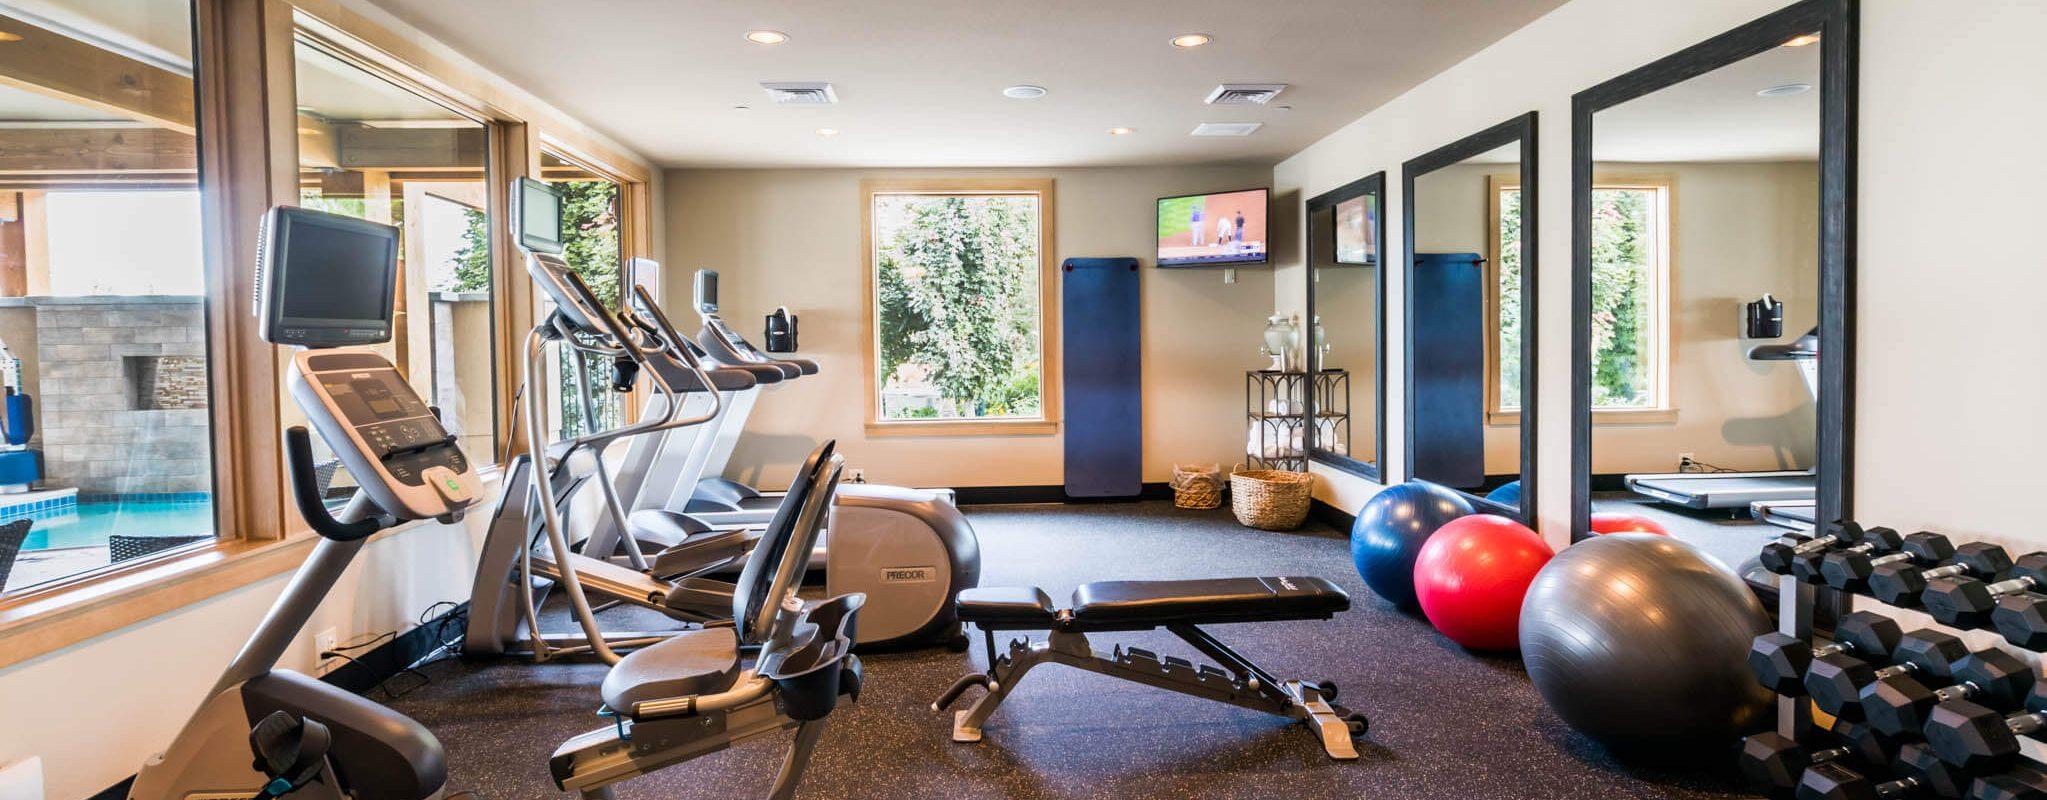 Gym in Richland, Washington